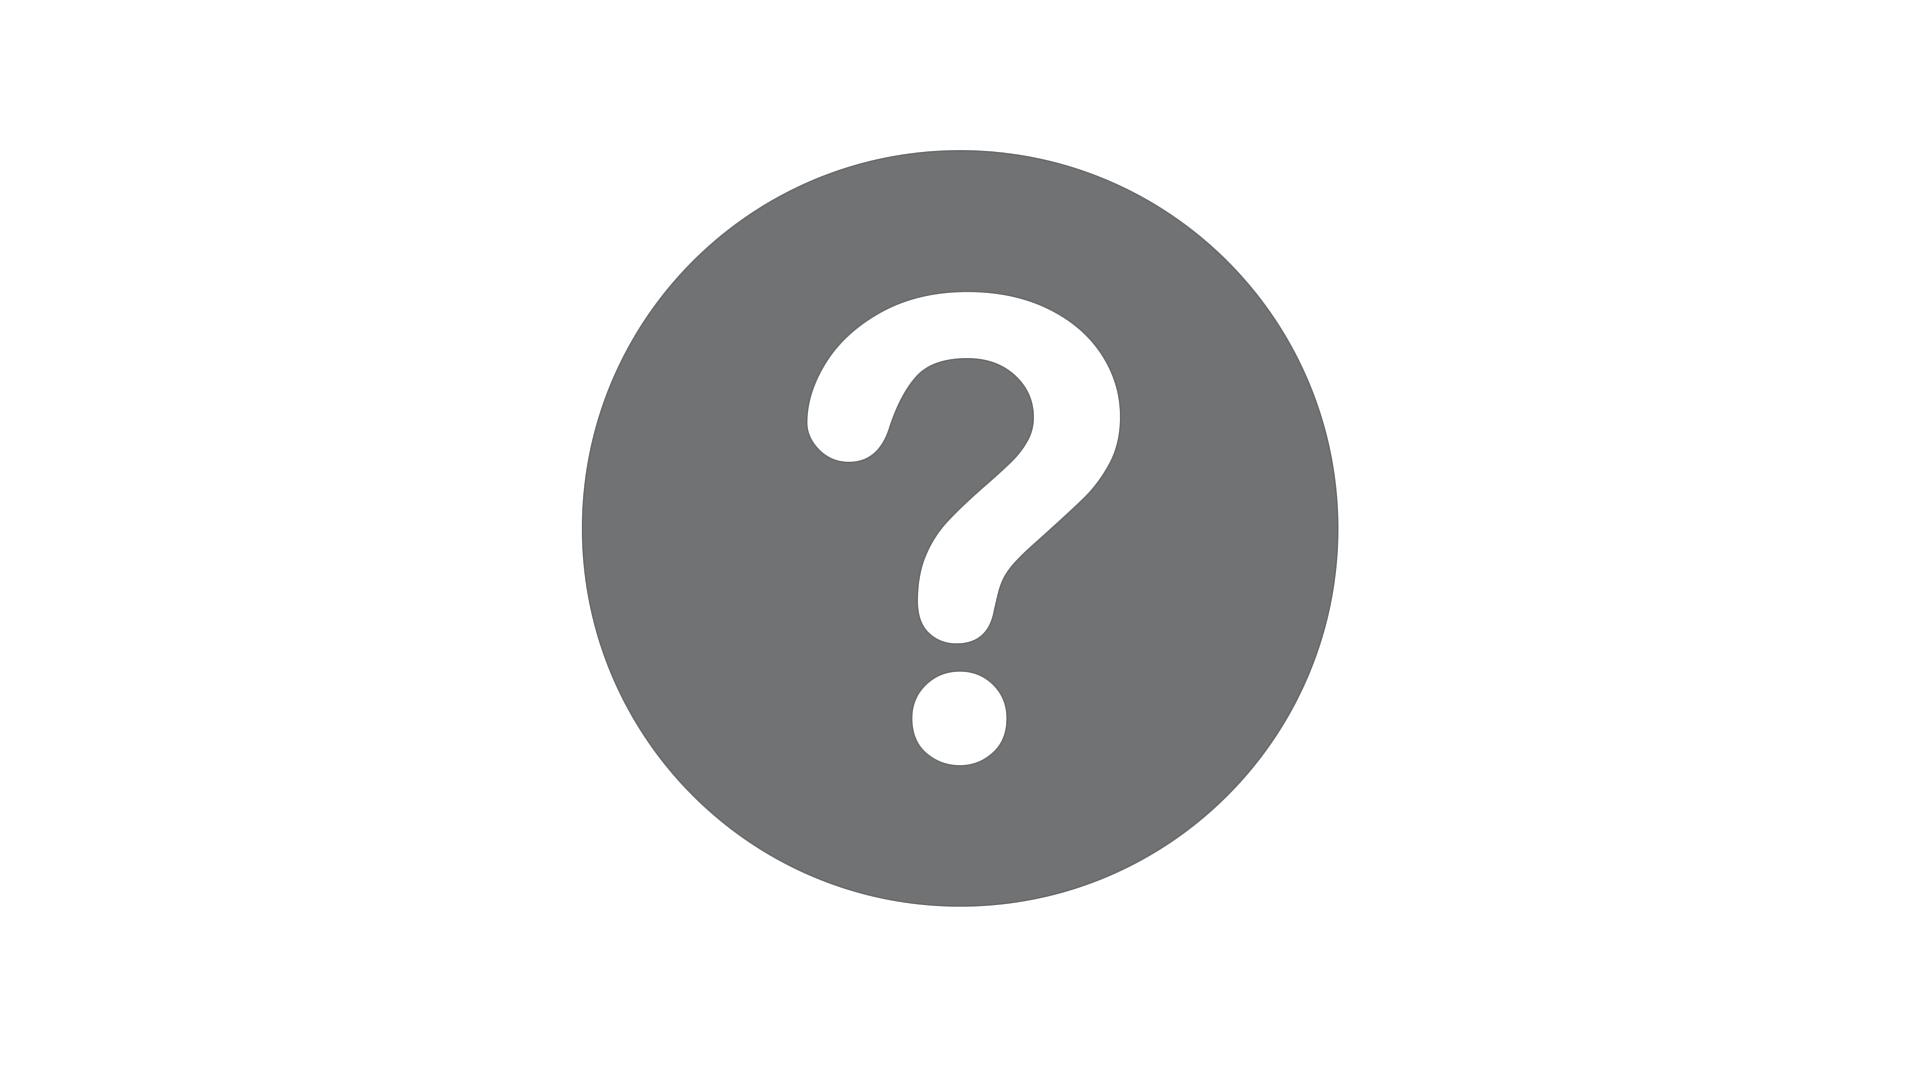 Question marlk